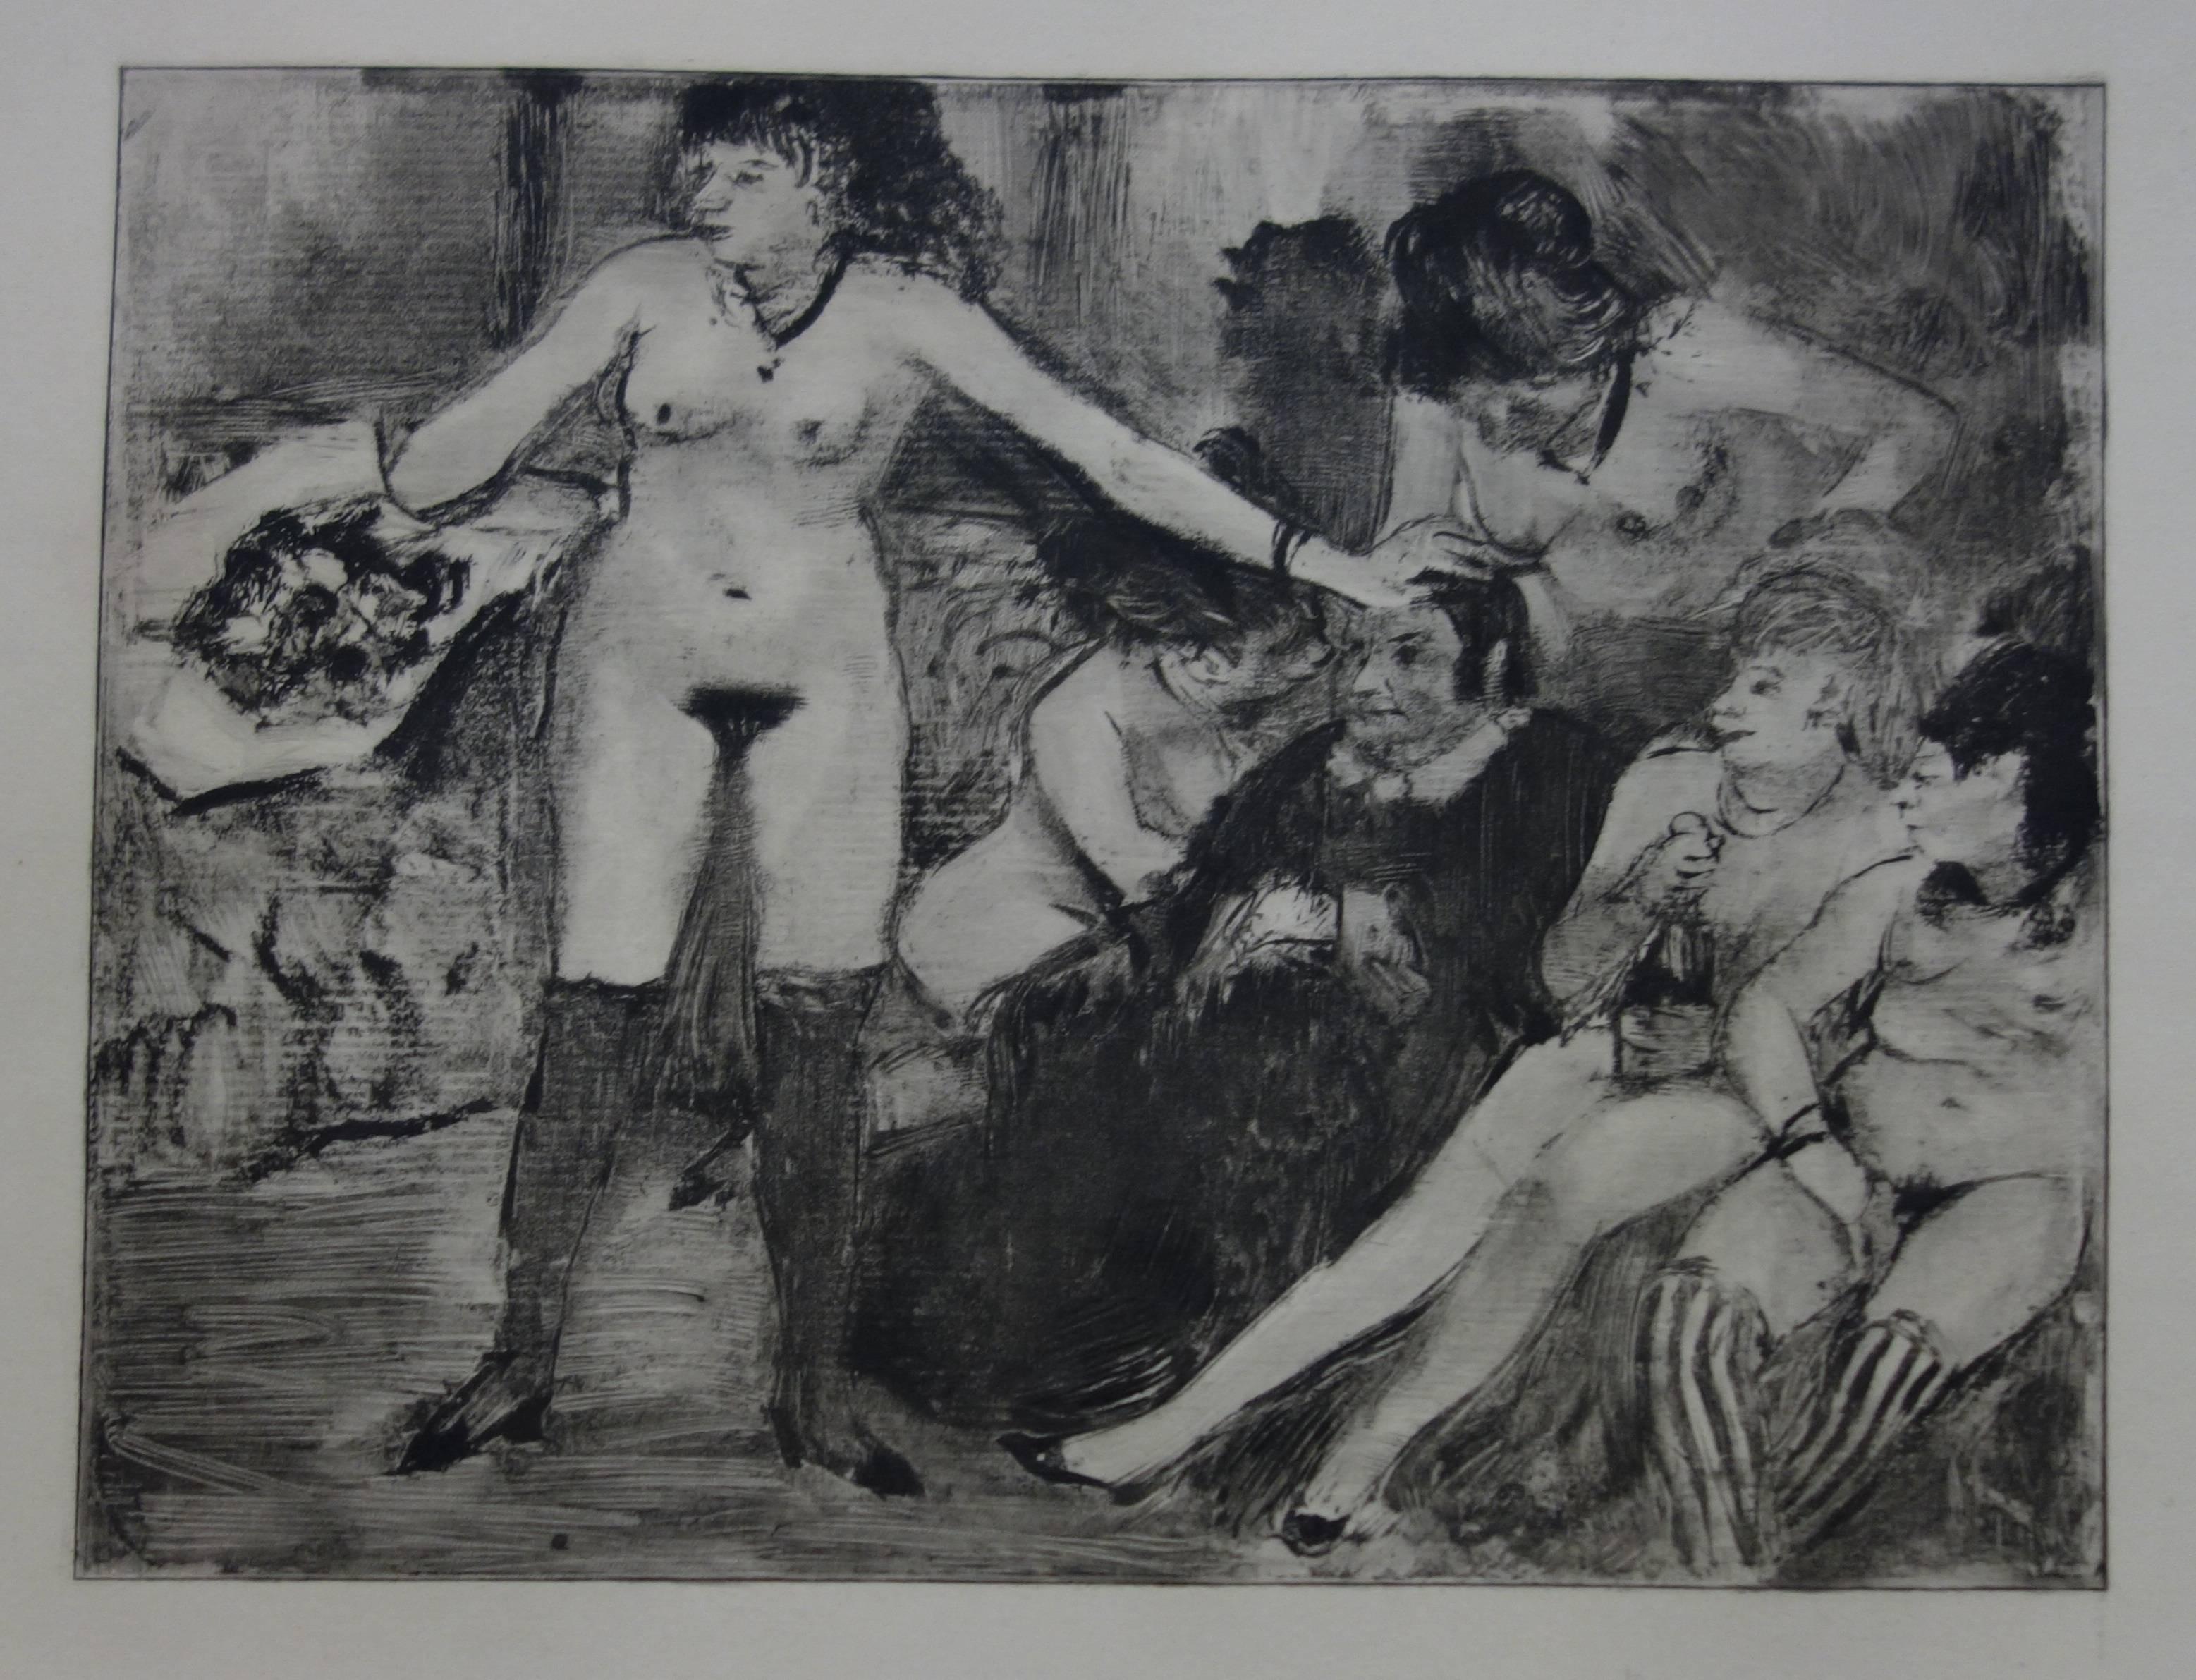 Whorehouse Scene : Celebration for Madam Mother - etching